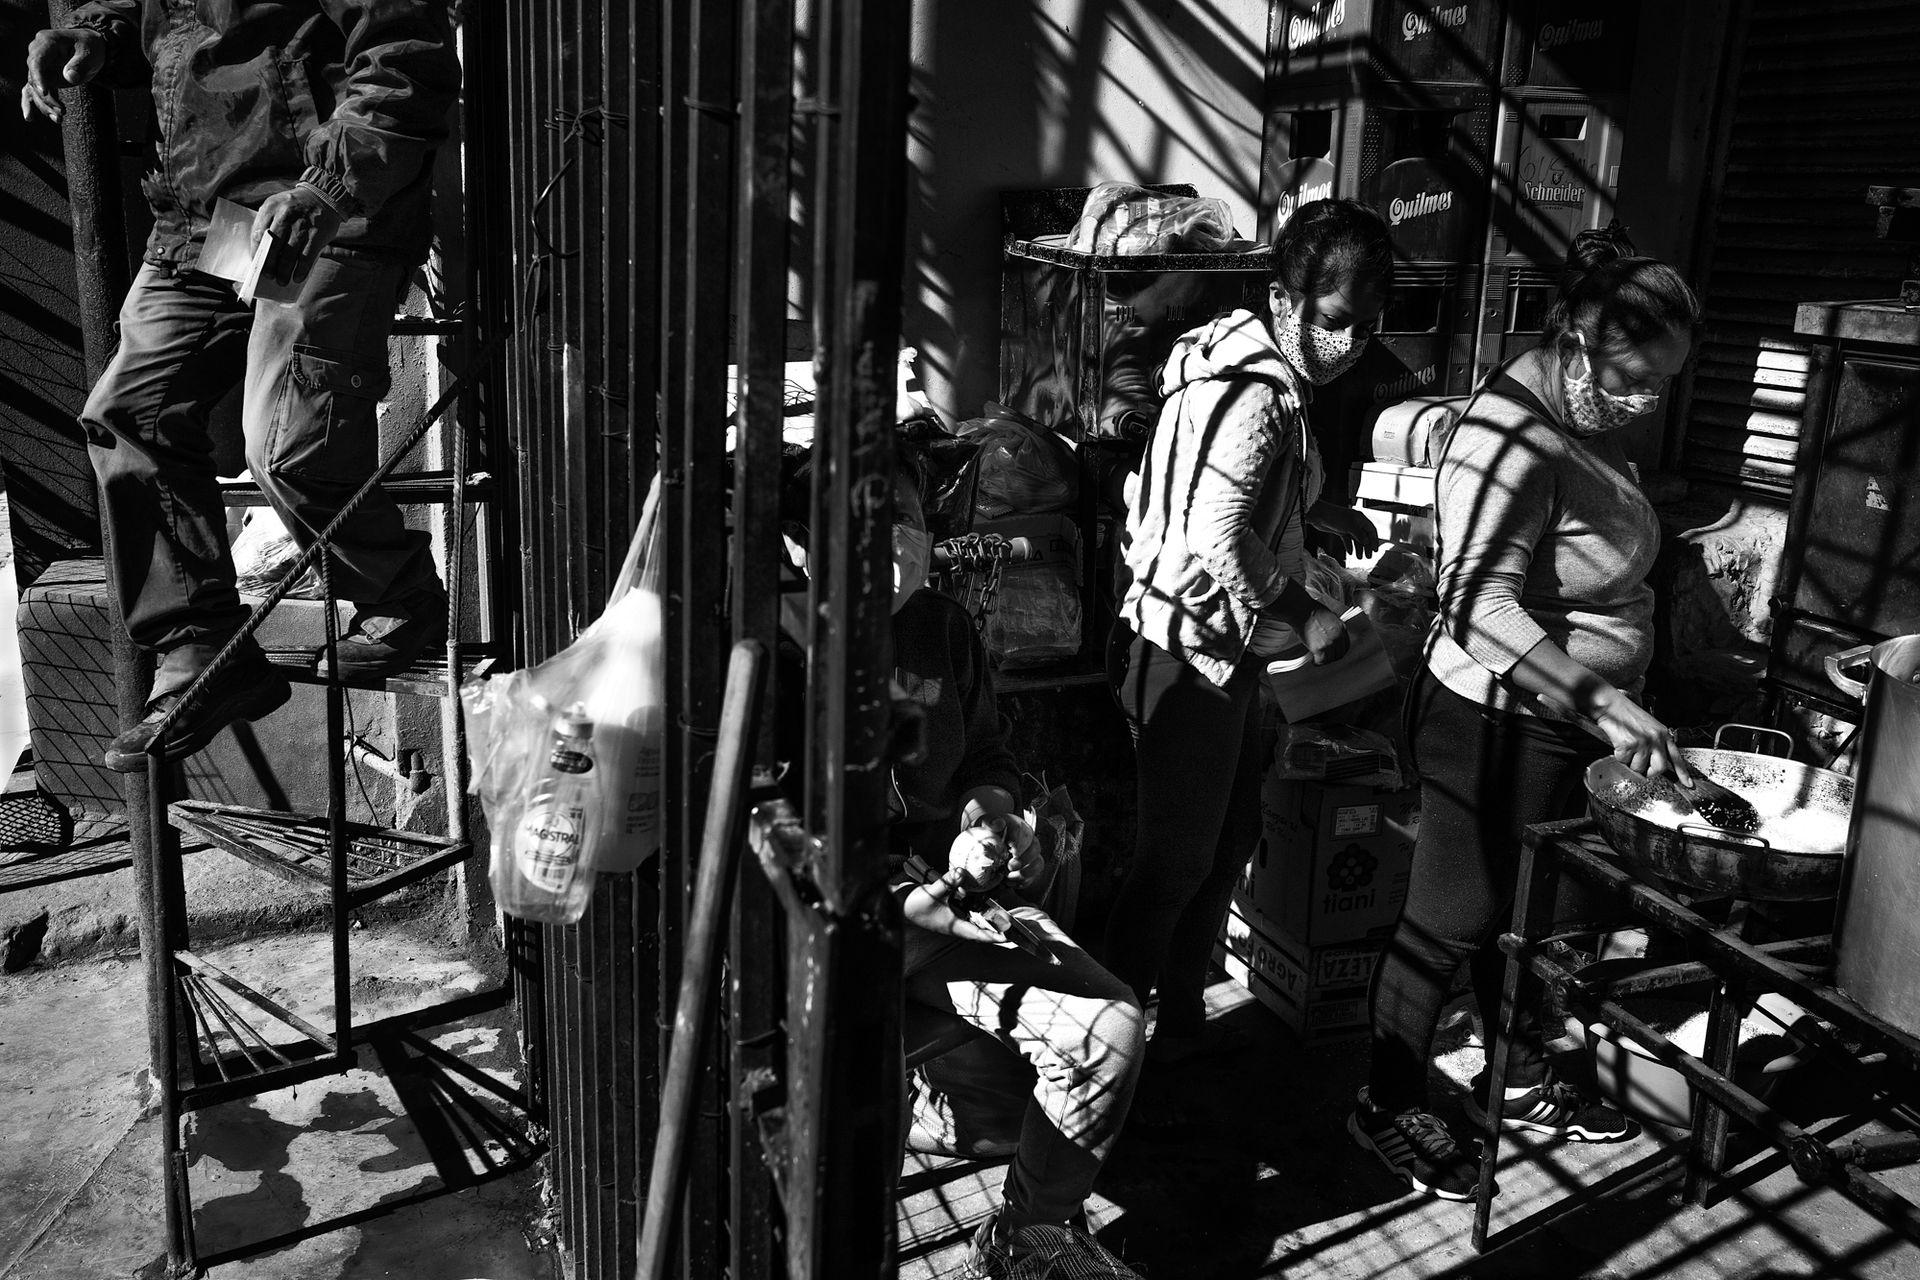 Las cocinas de los comedores que alimentan al barrio se improvisan en casas, como esta manejada por la Corriente Clasista y Combativa. La mayoría de los vecinos son changueros, obreros de la construcción. Sin trabajo, los comedores son la única alternativa para acceder a un plato de comida.